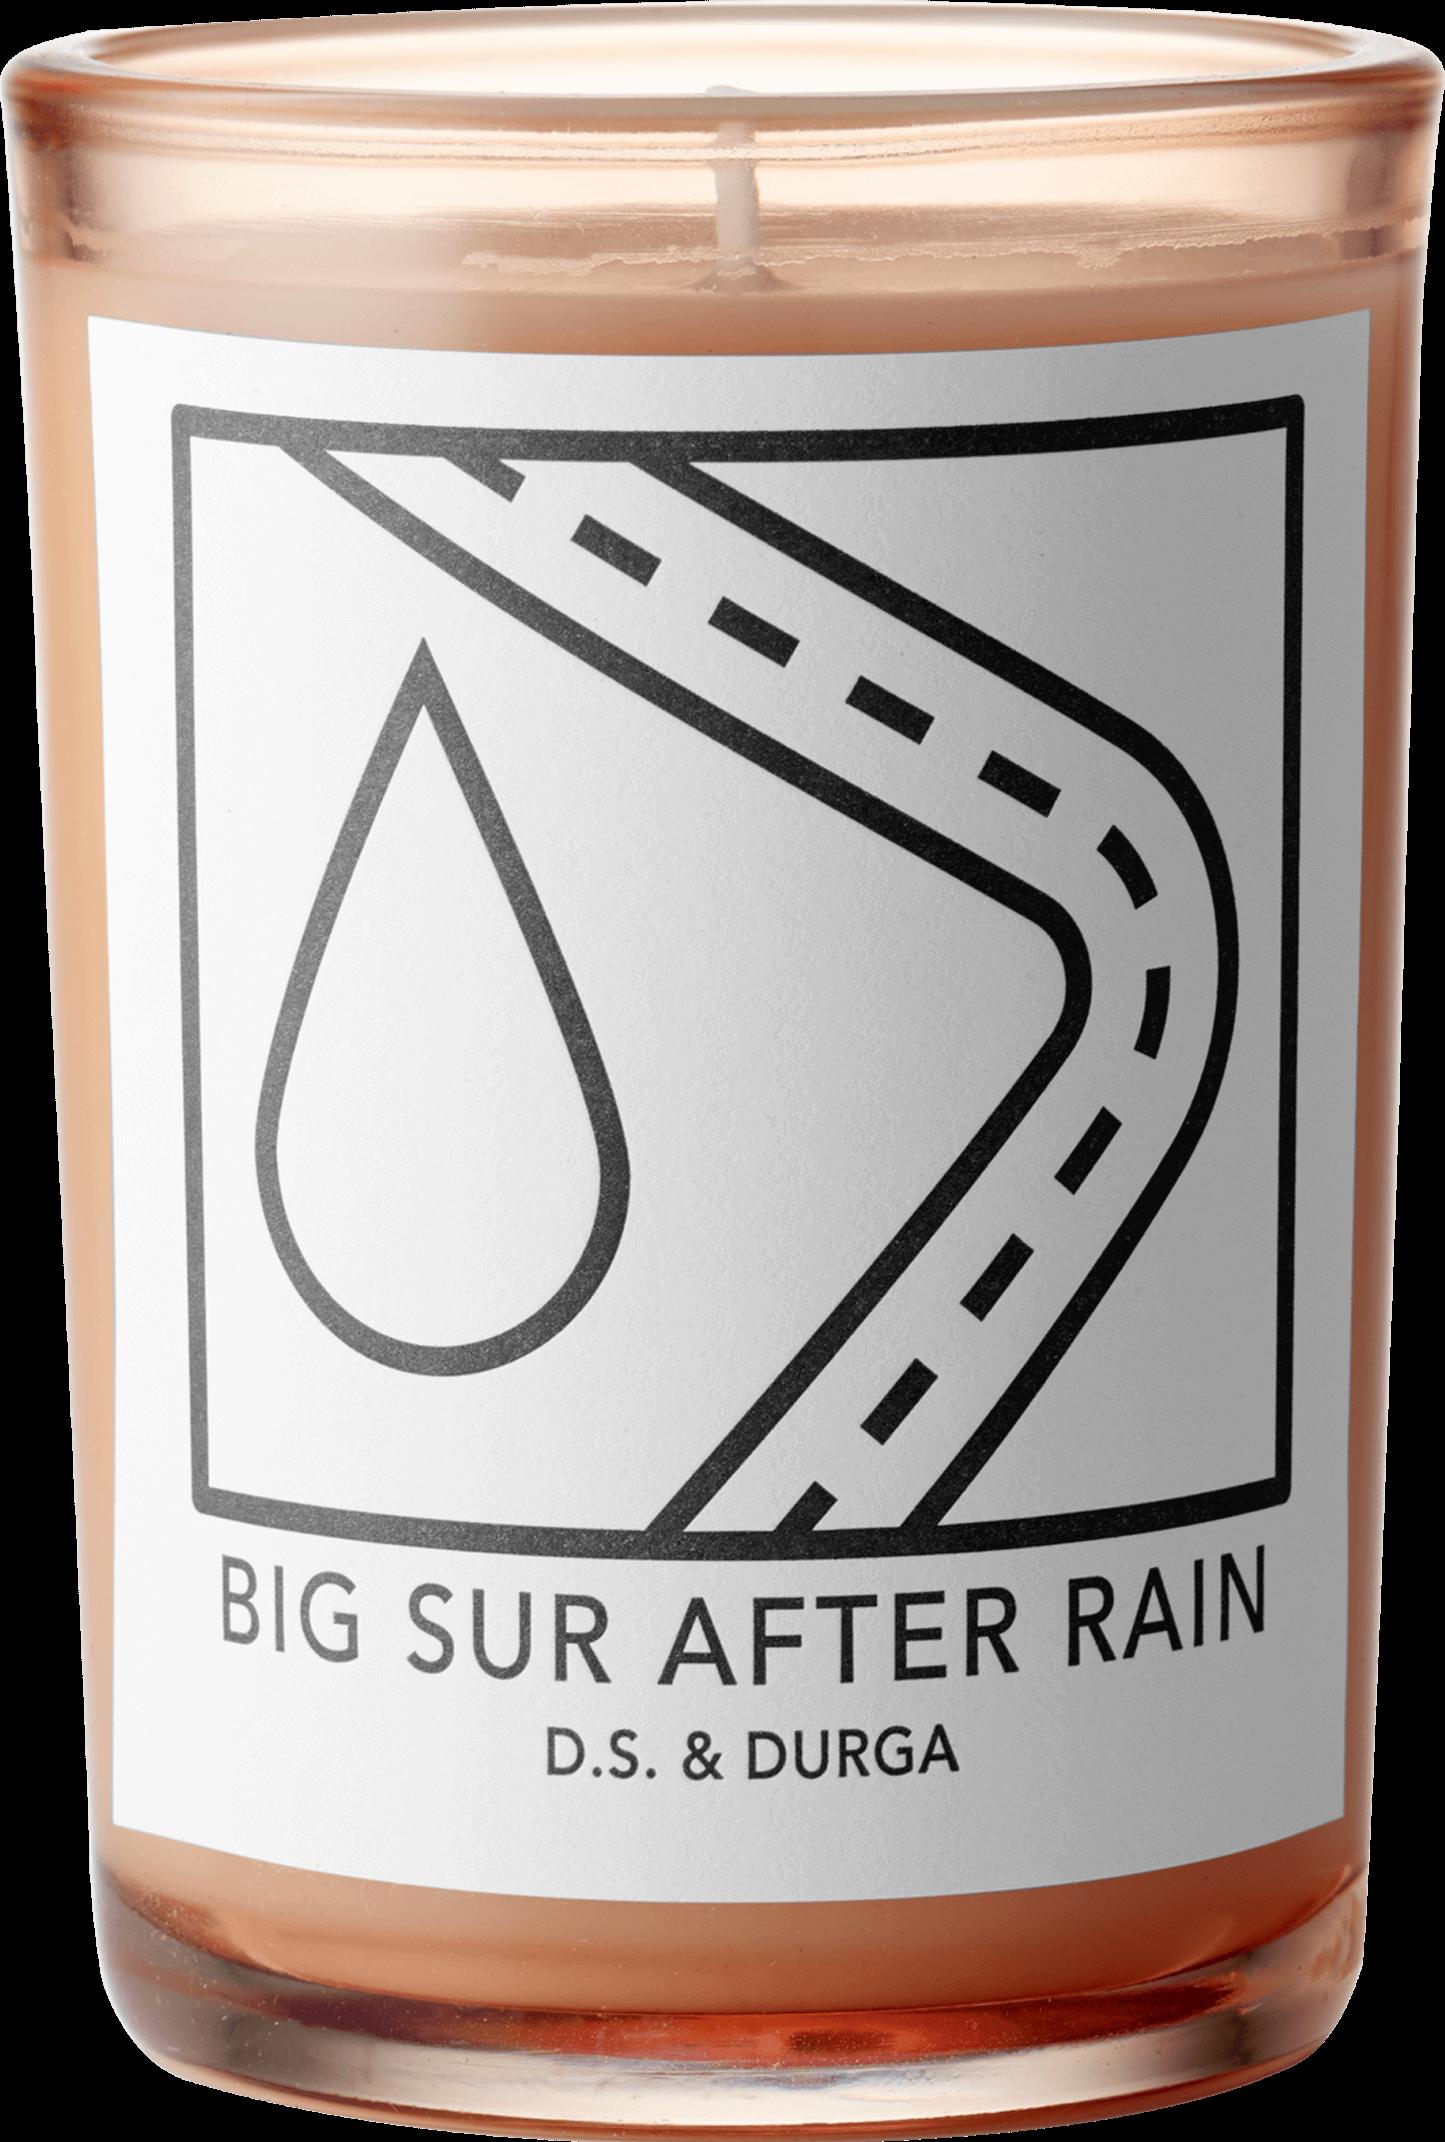 BIG SUR AFTER RAIN